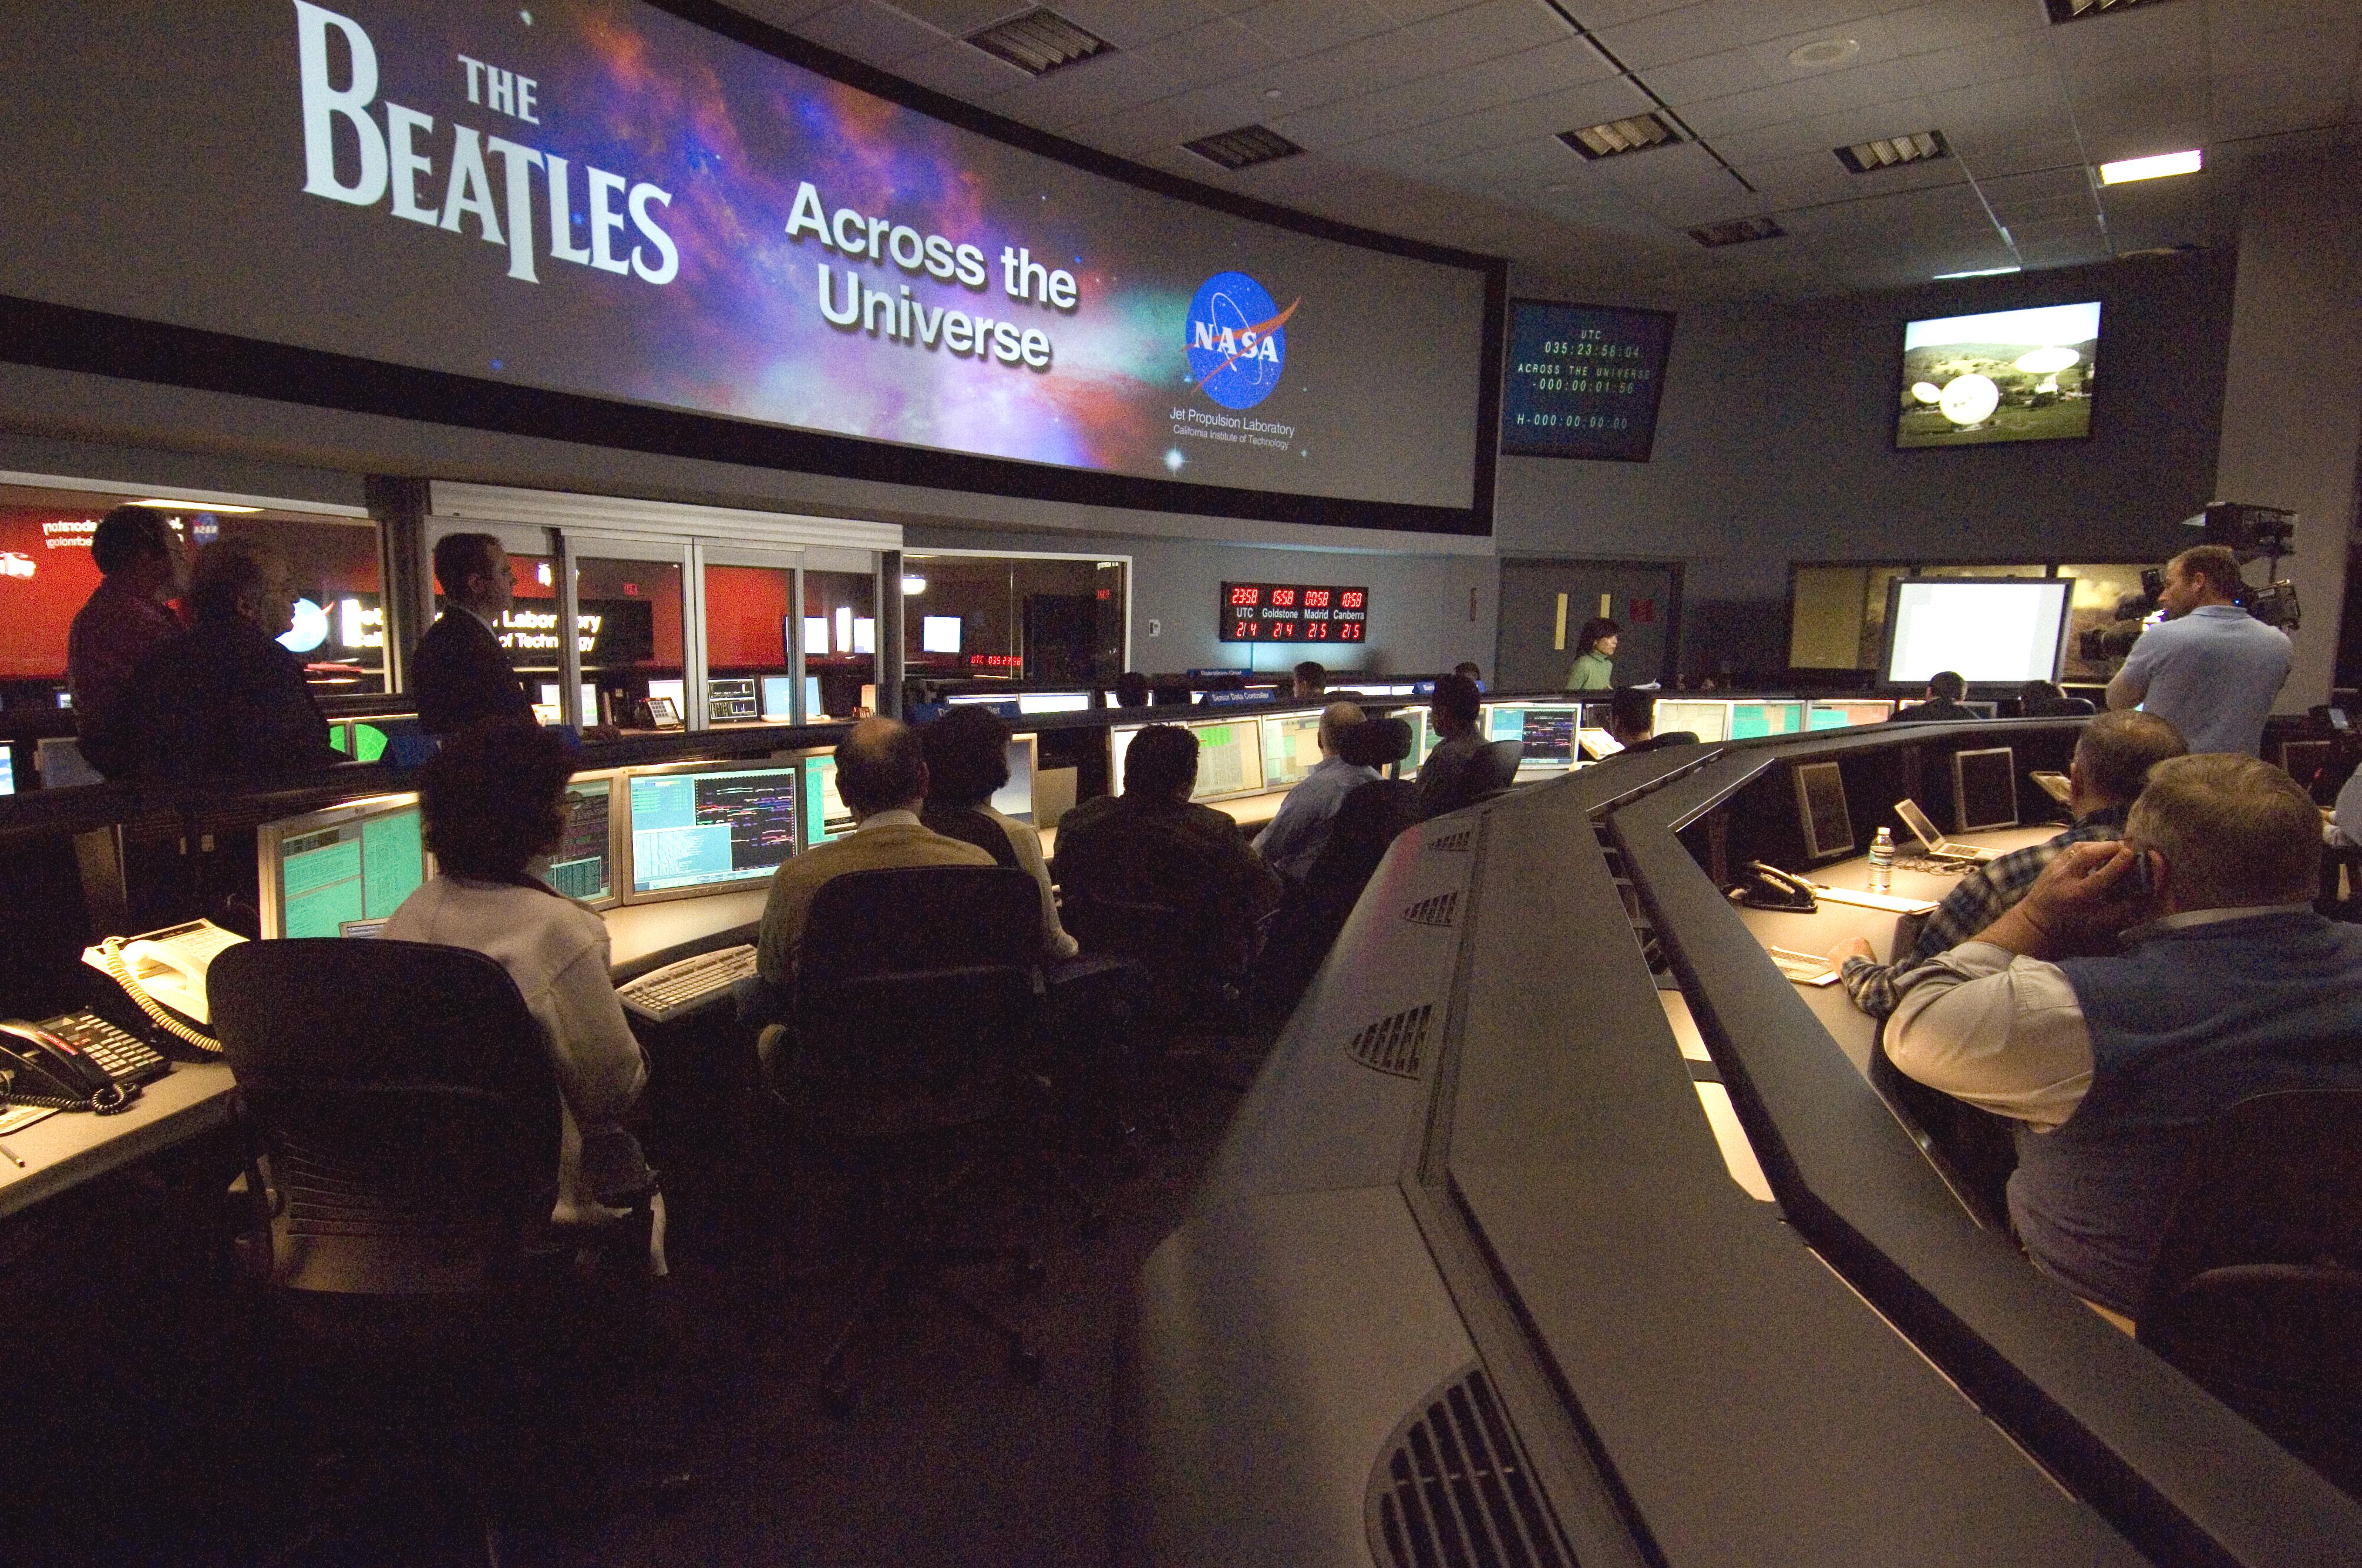 NASA Beams Beatles Across The Universe Into Space